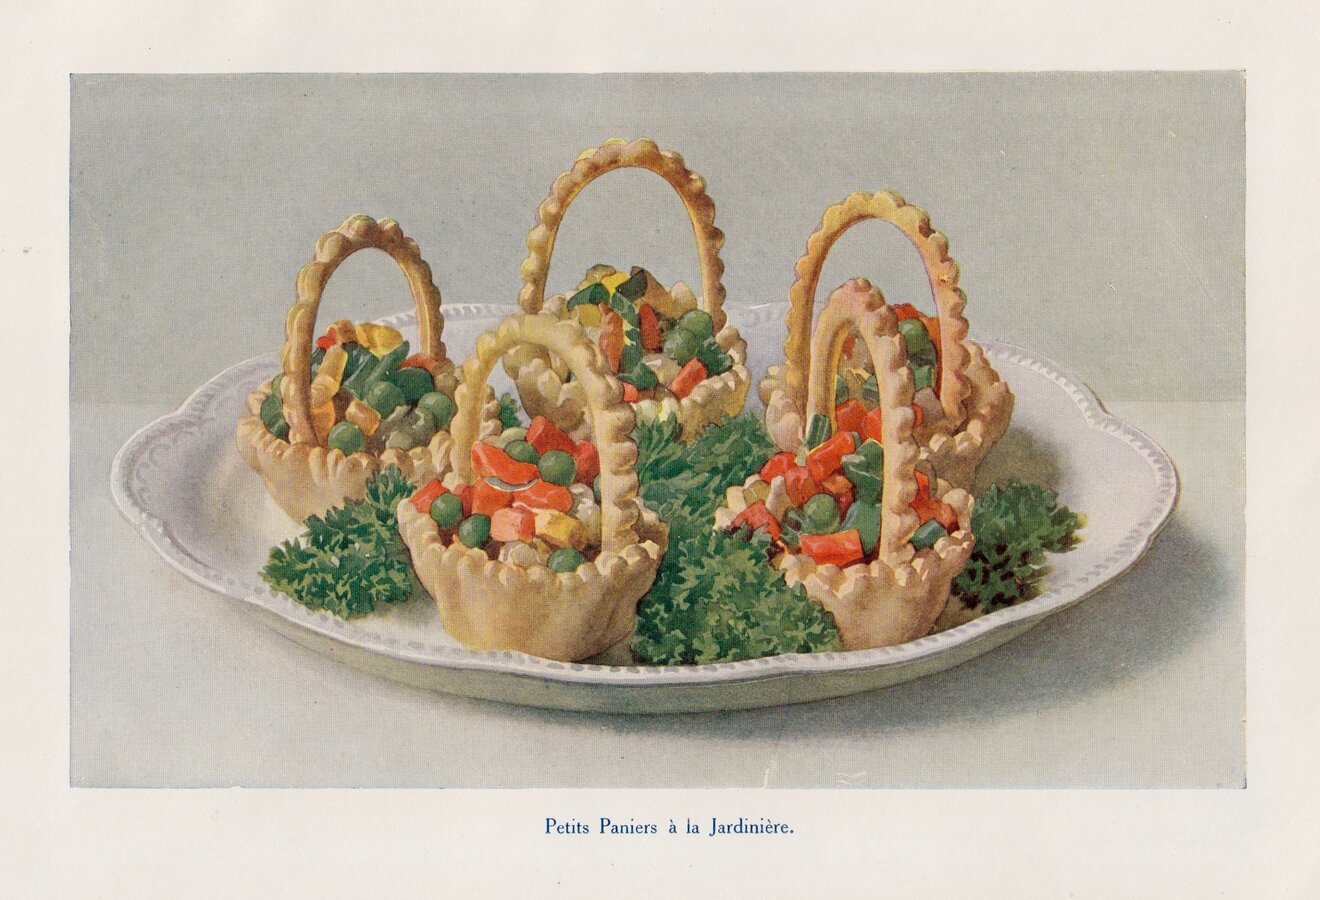 Petits Paniers à la Jardinière.